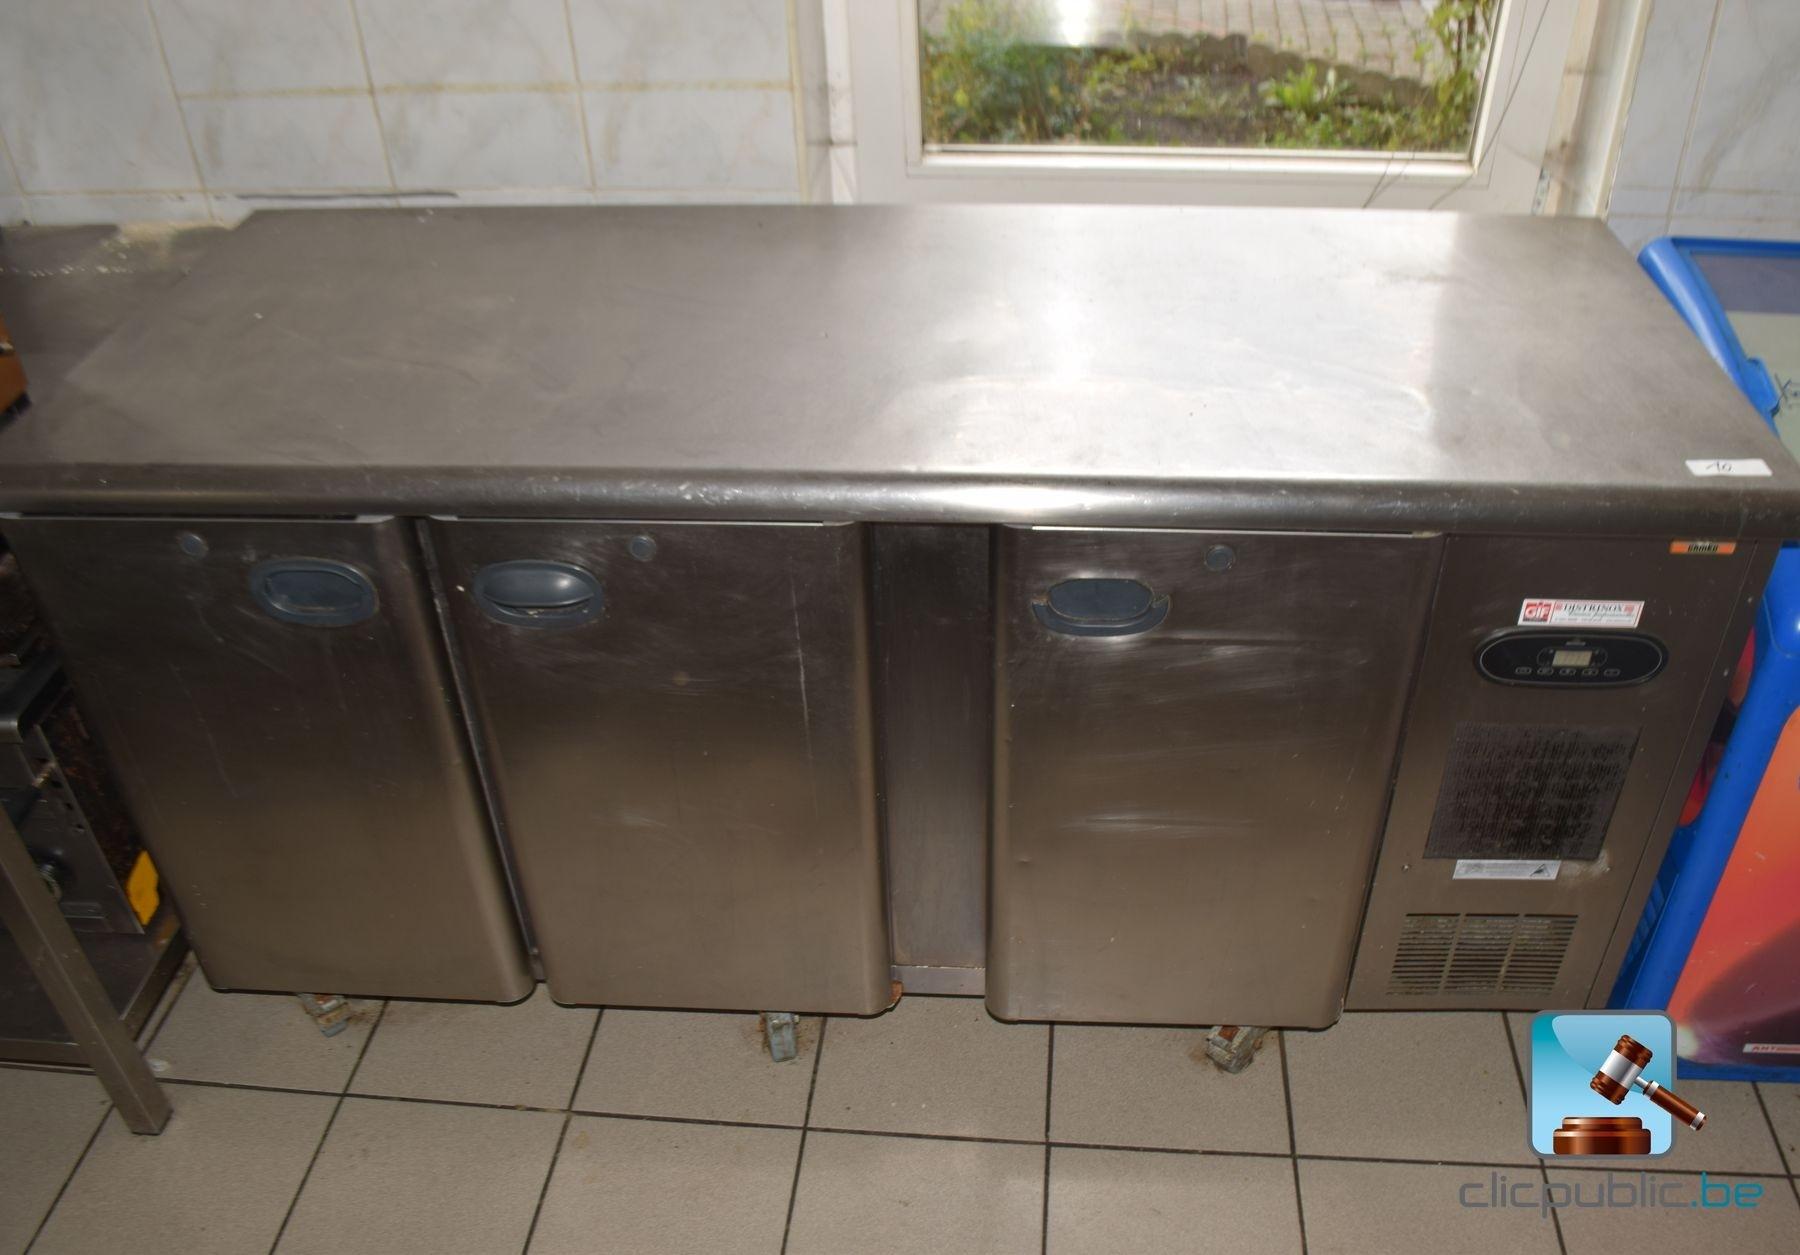 Lage koelkast gamko in rvs op wielen ref 10 te koop op for Rvs ladenblok op wielen